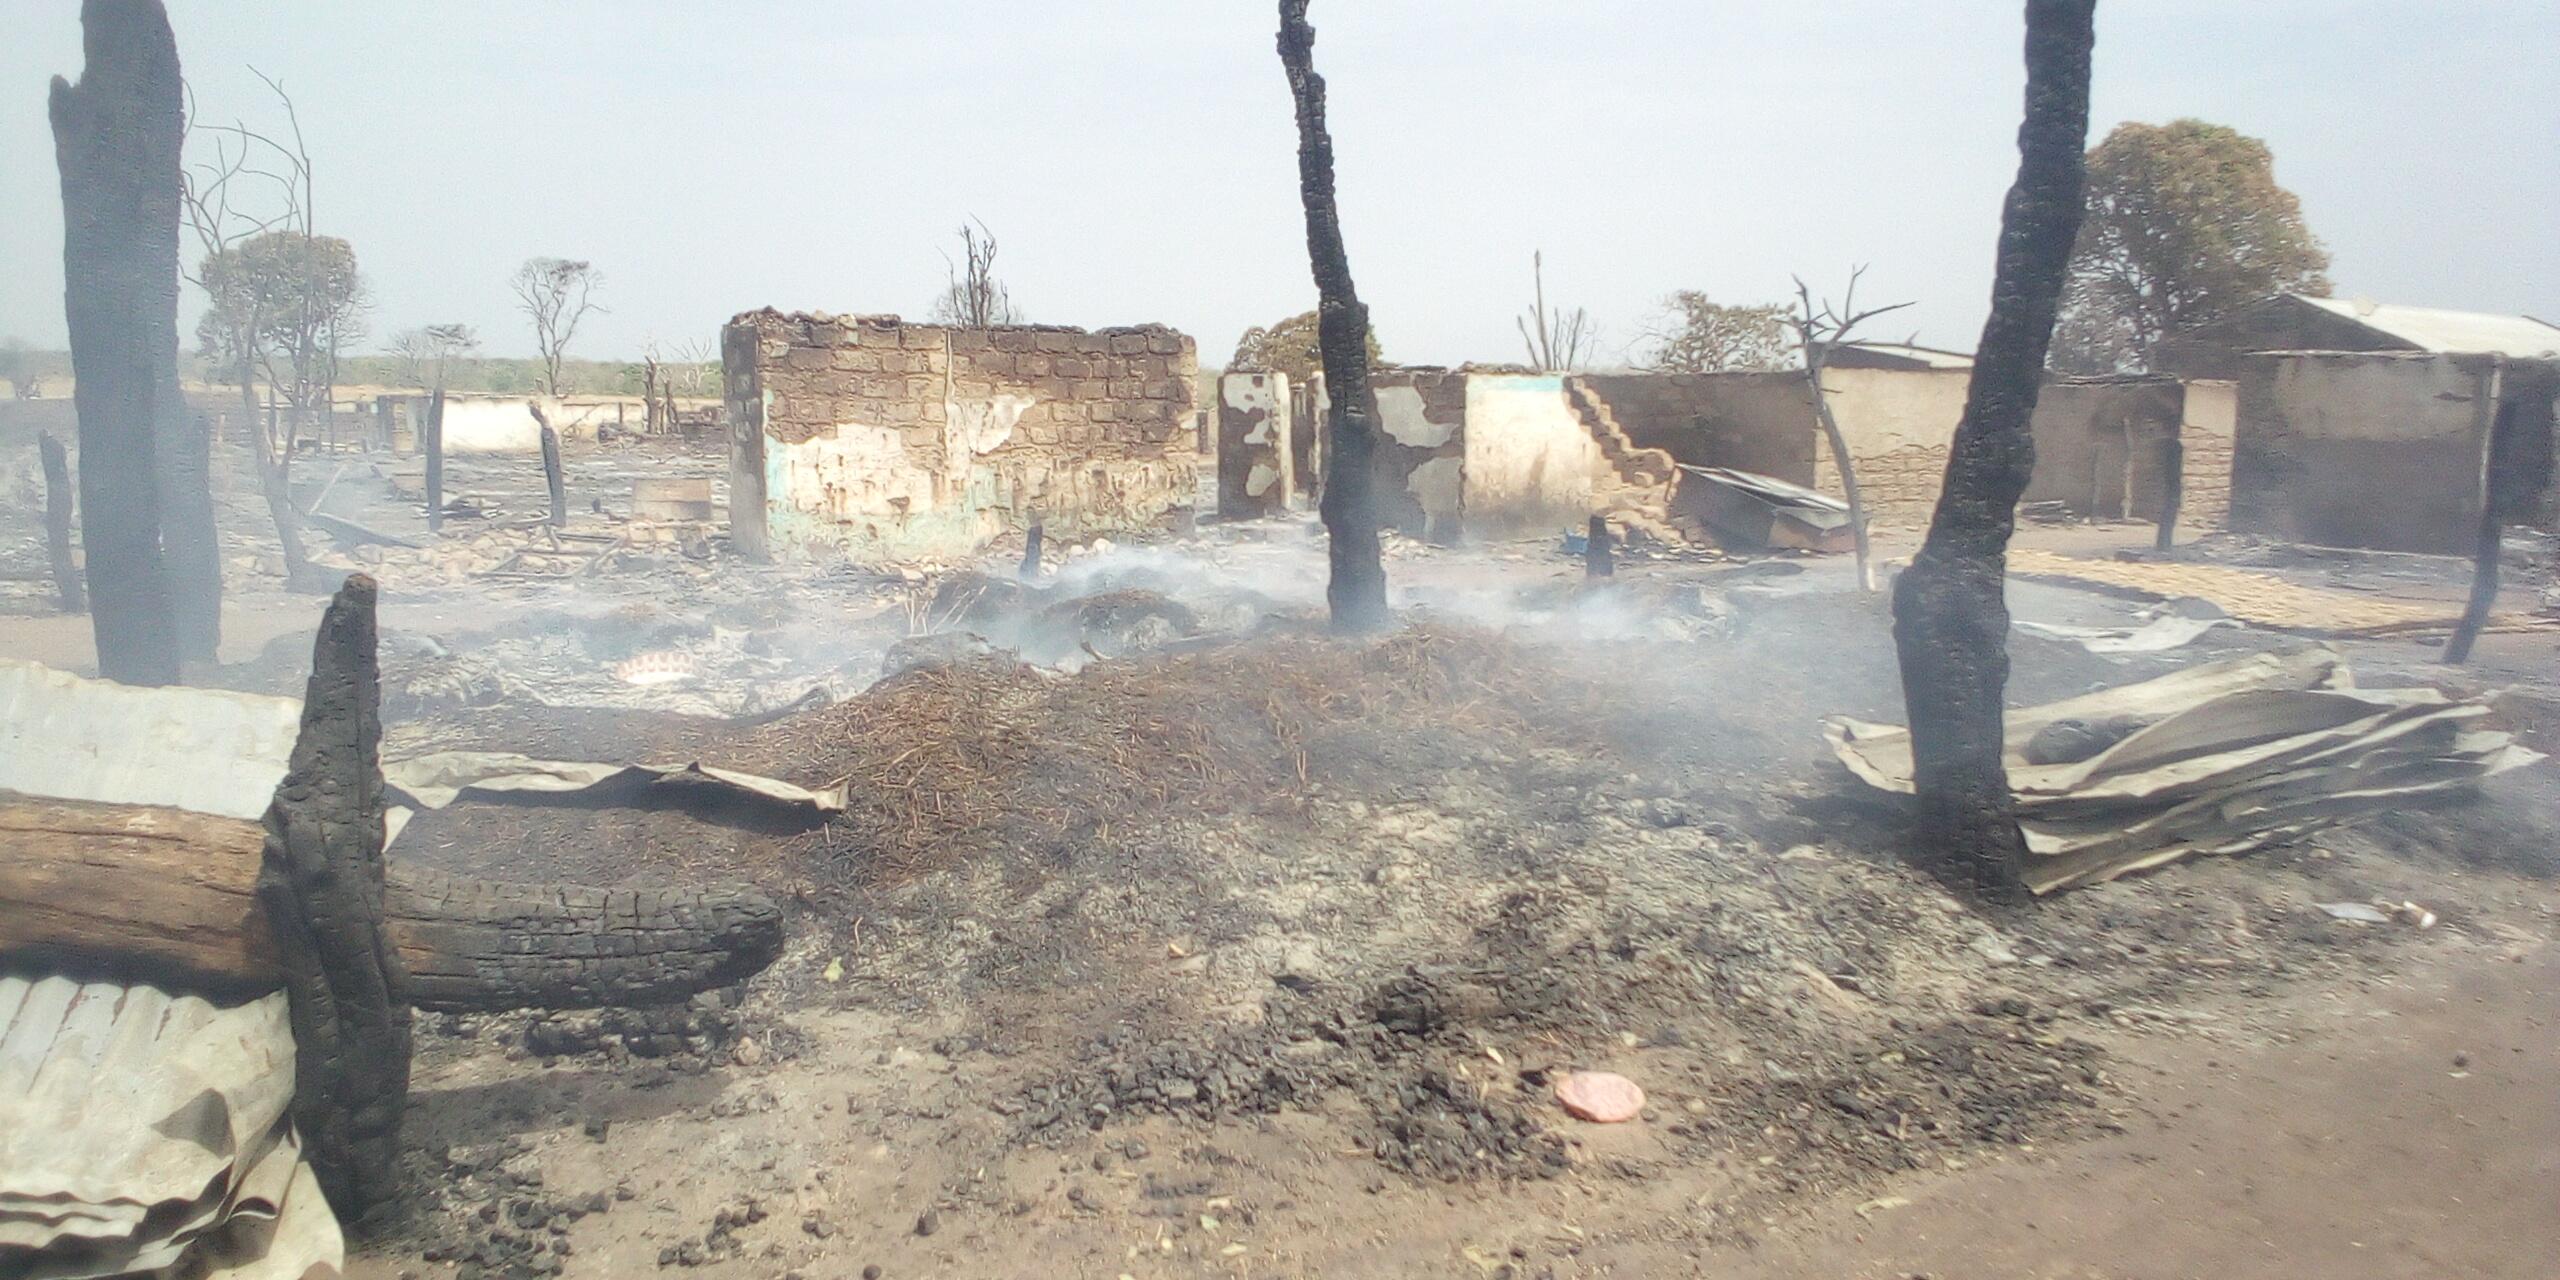 Incendie de Darou Khoudoss : les sinistrés reçoivent la visite des autorités administratives et locales.